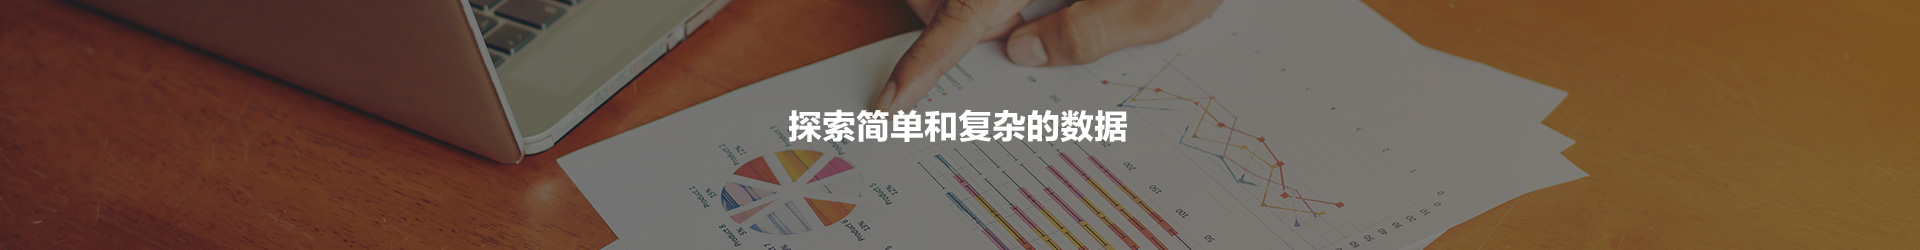 数据质量,数据处理_解决方案_山东普邦信息技术有限公司官方网站